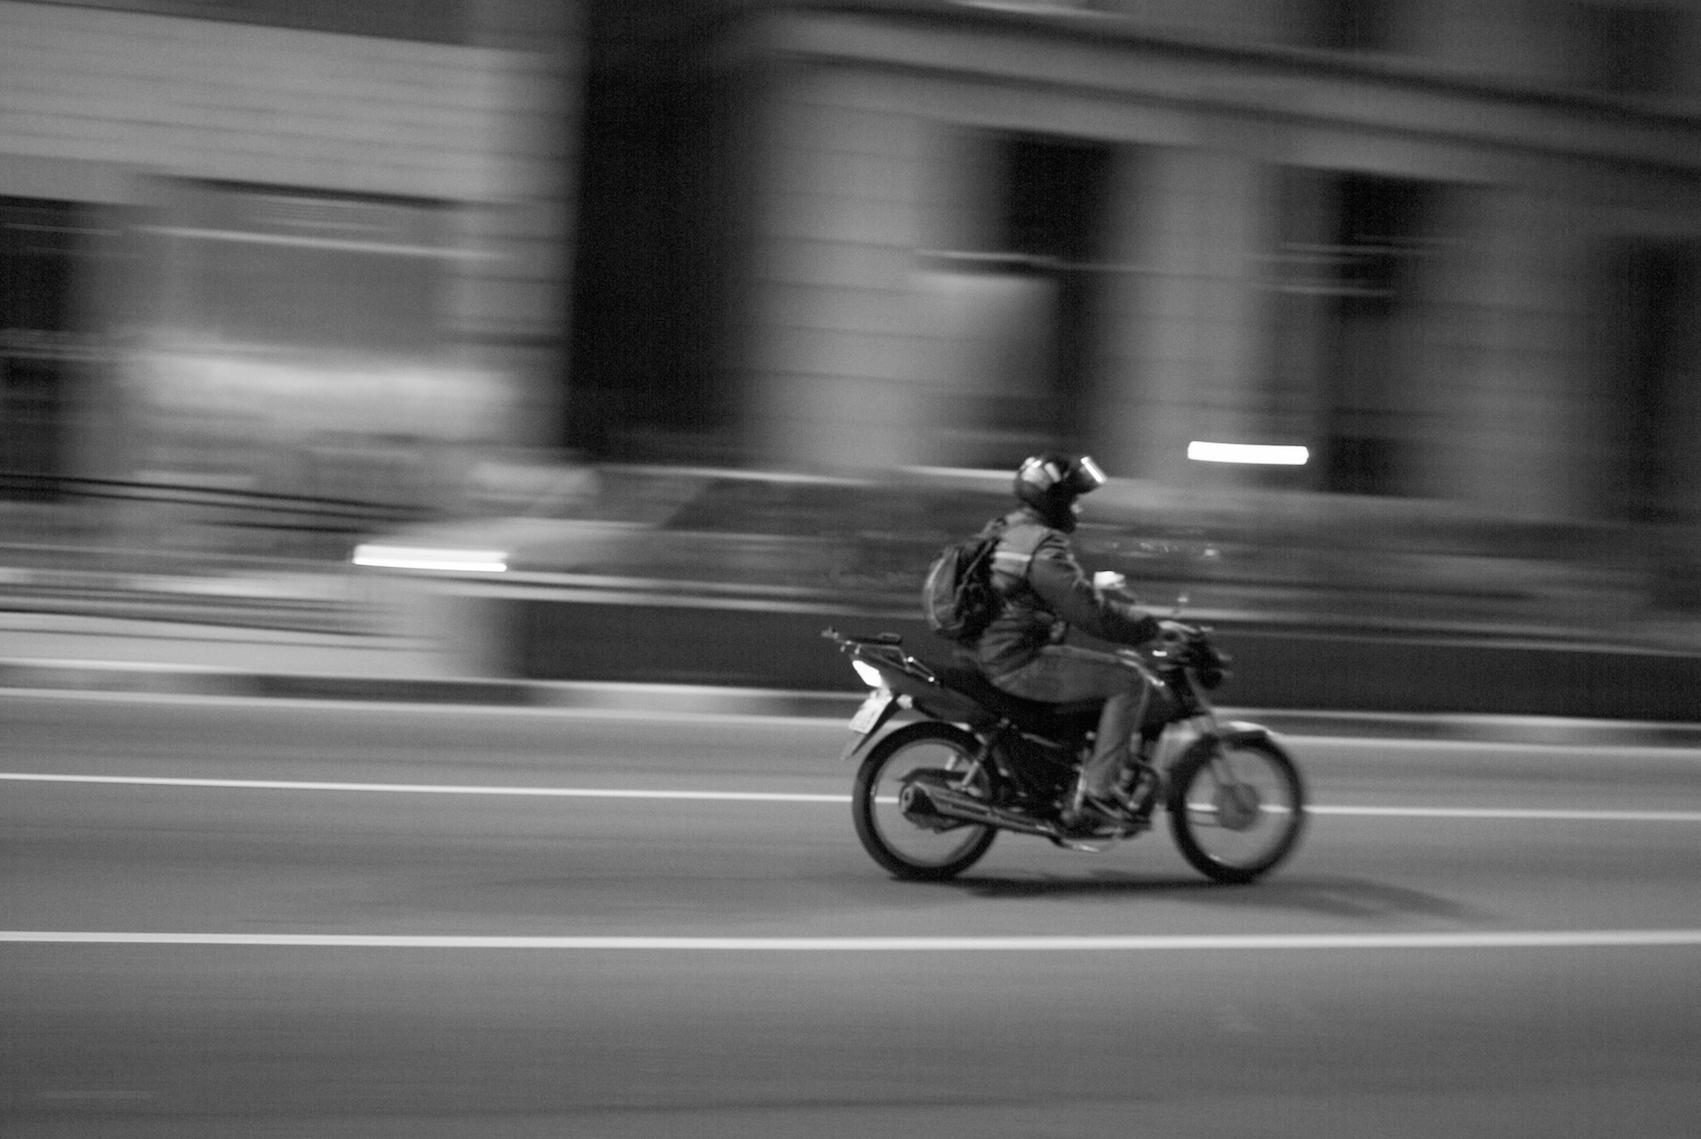 La motocicleta, una solución de movilidad ante la nueva normalidad